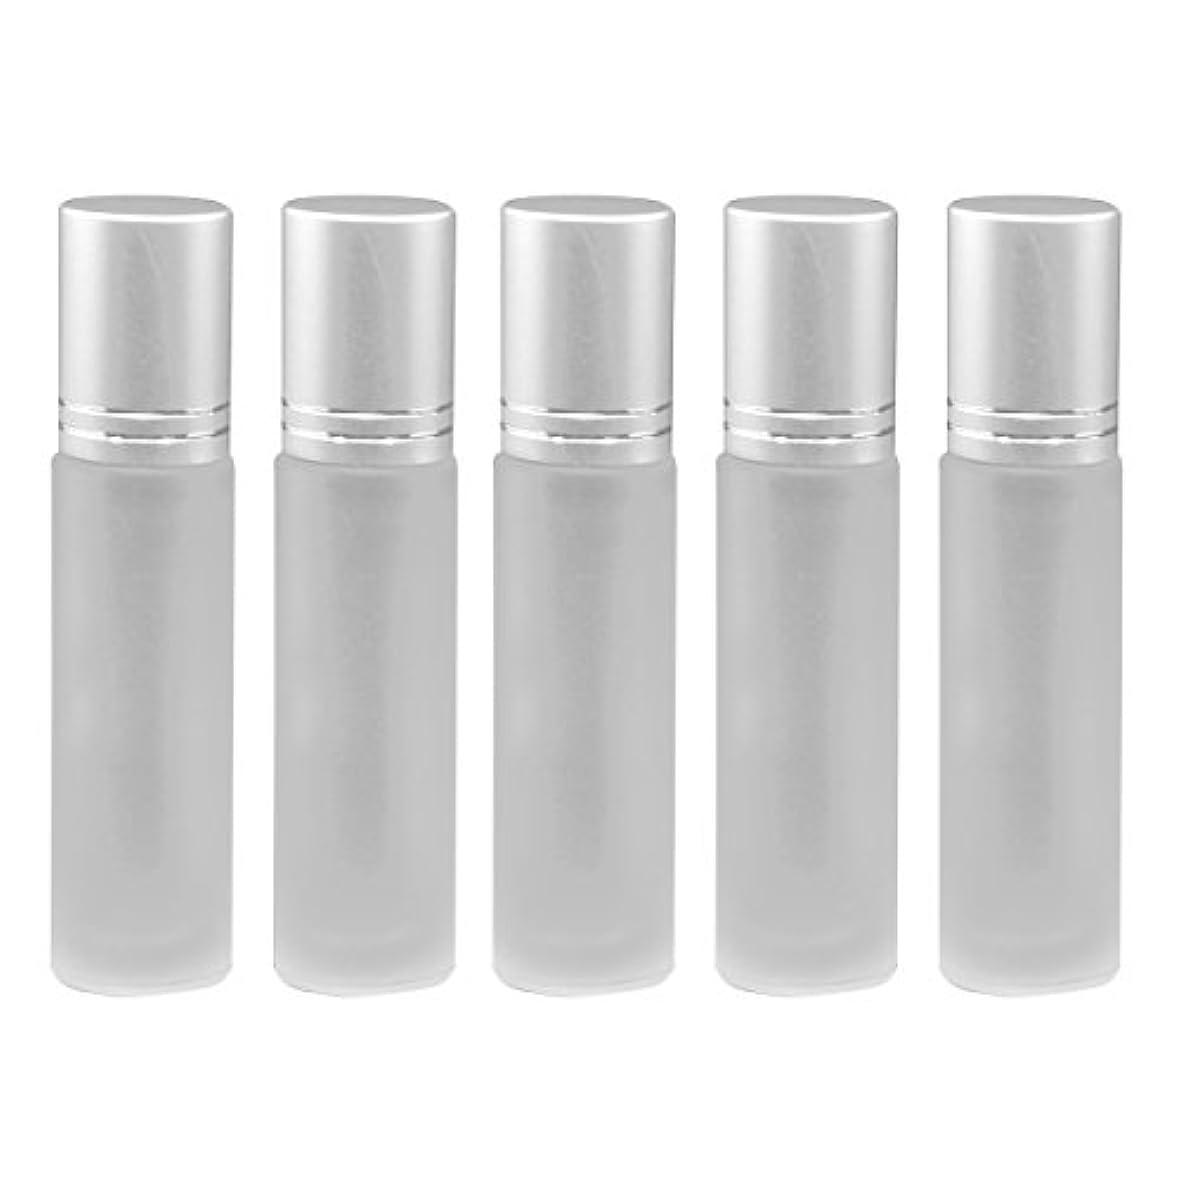 参照する許容できるスナックTINKSKY ロールオンボトル アロマボトル 精油瓶 香水瓶 小分け ガラス瓶 10ml 5本